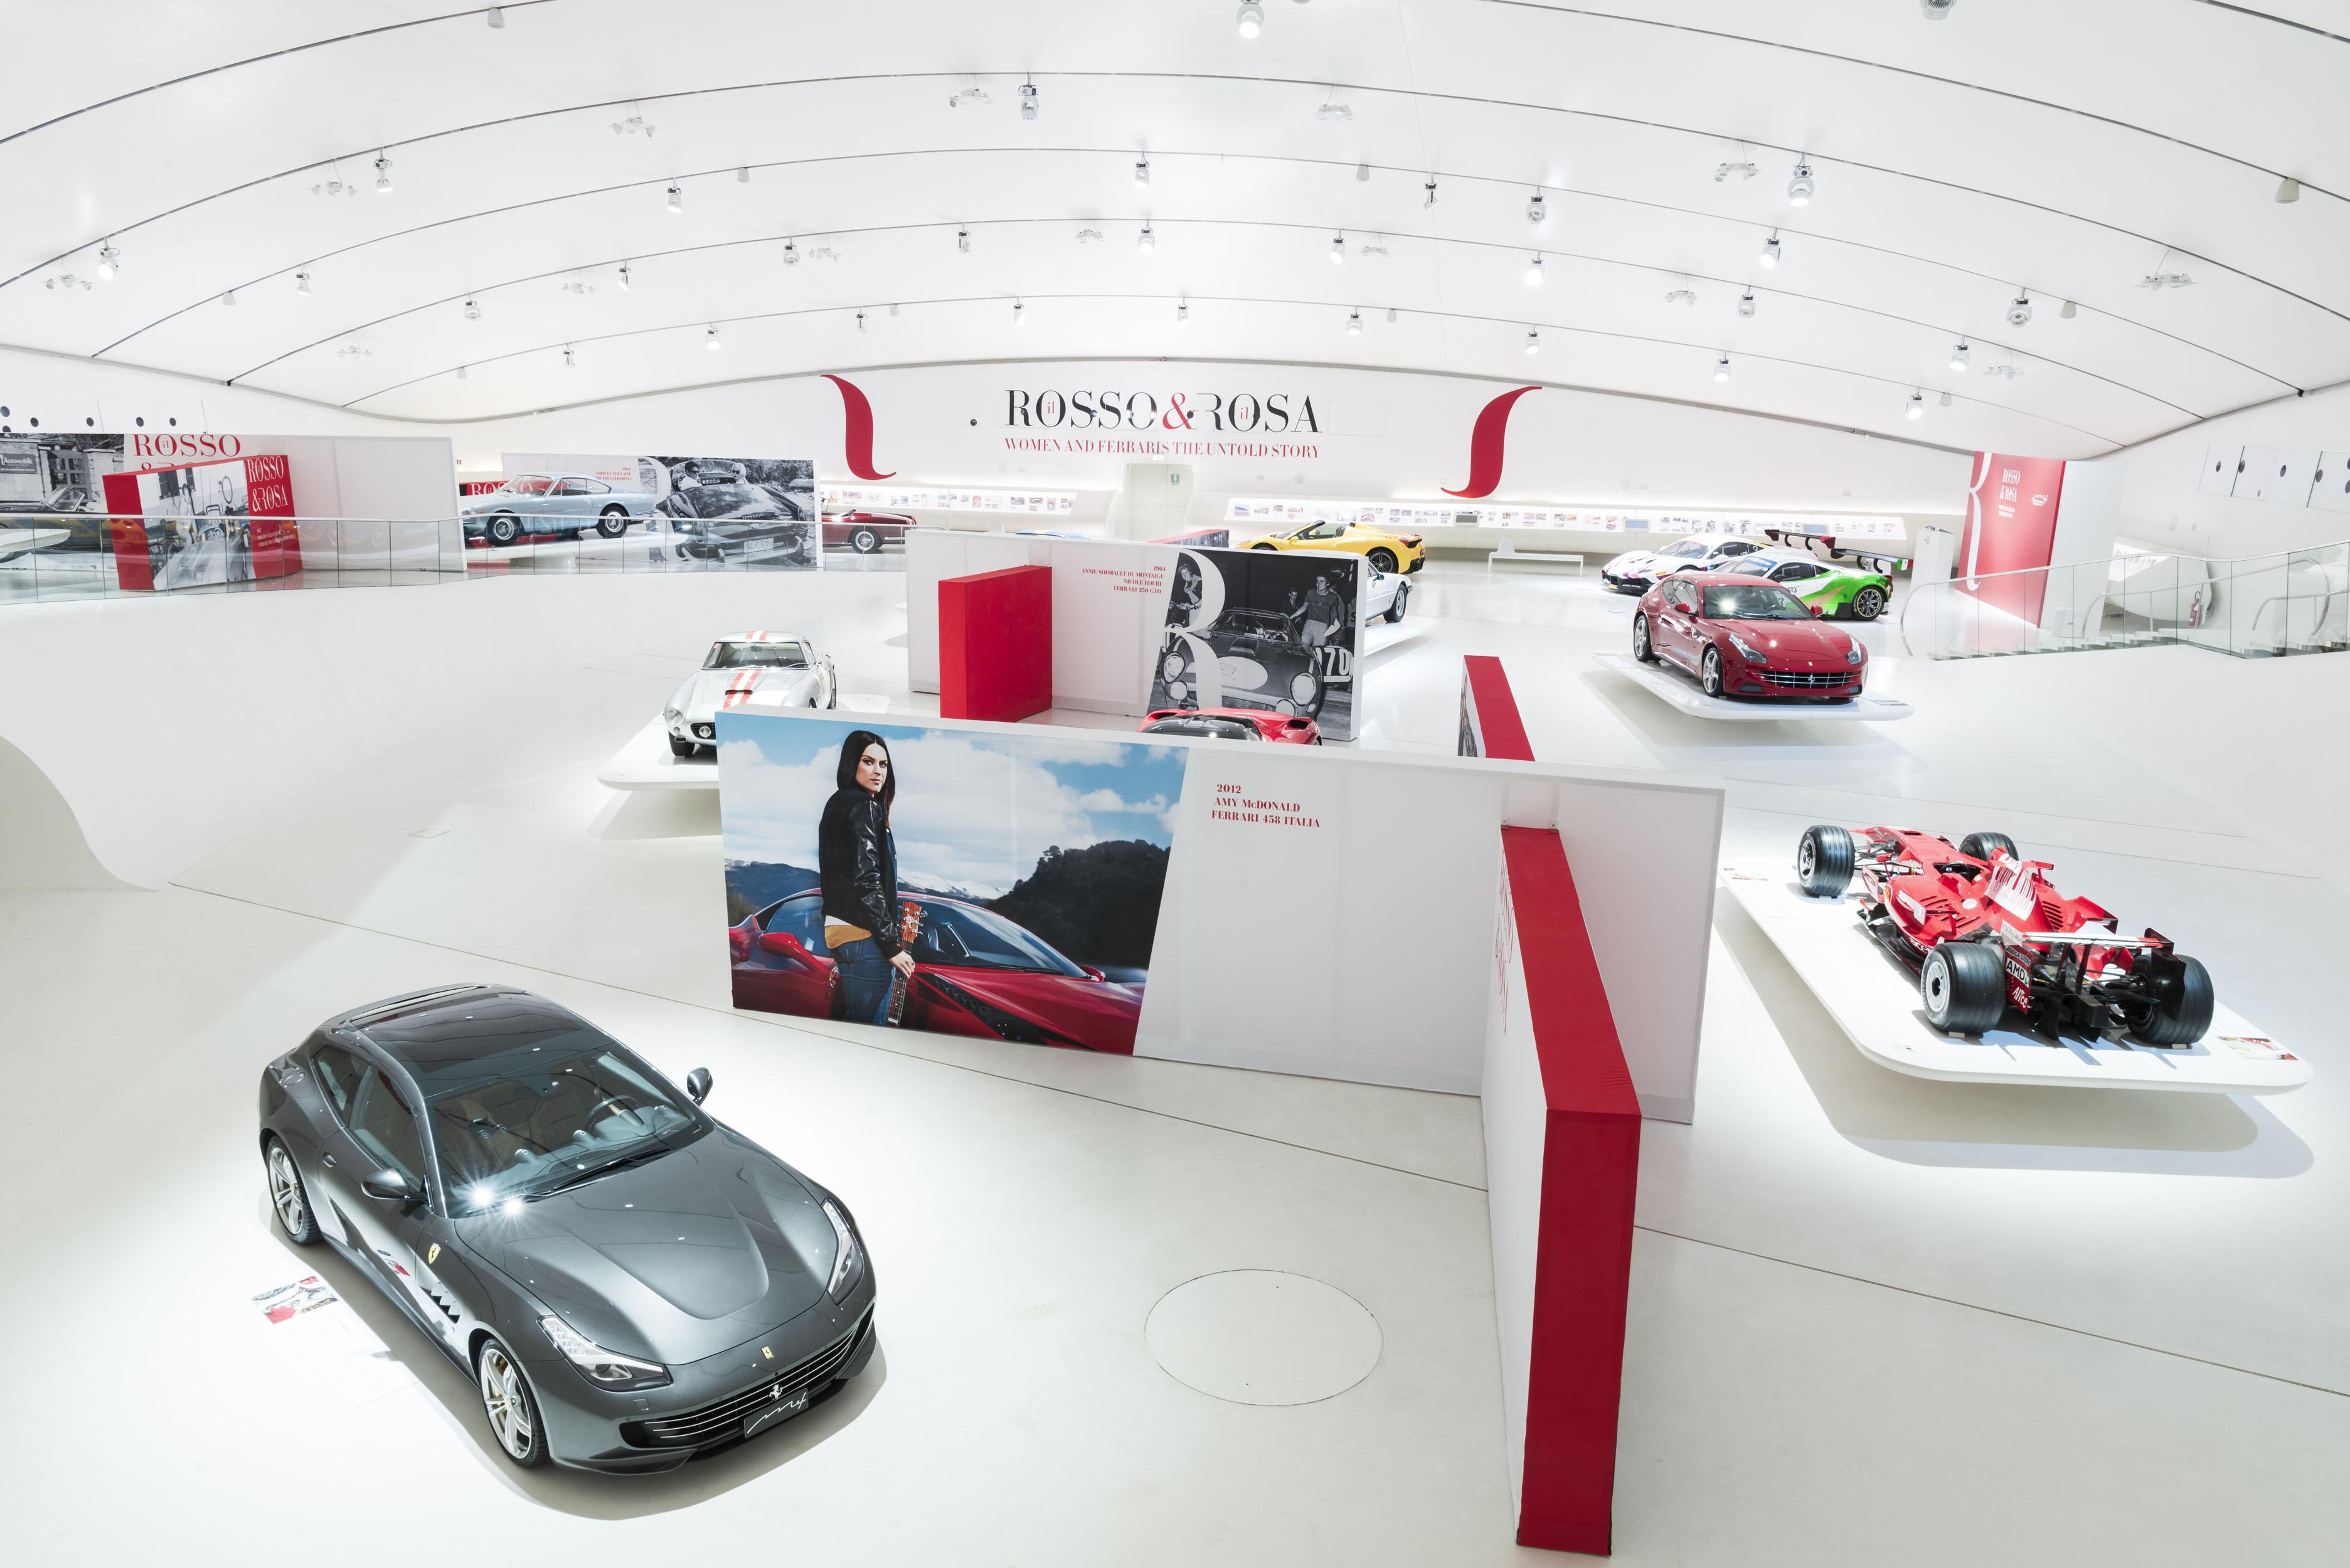 Women Ferrari Exhibition At Enzo Ferrari Museum Torque - Exhibition car